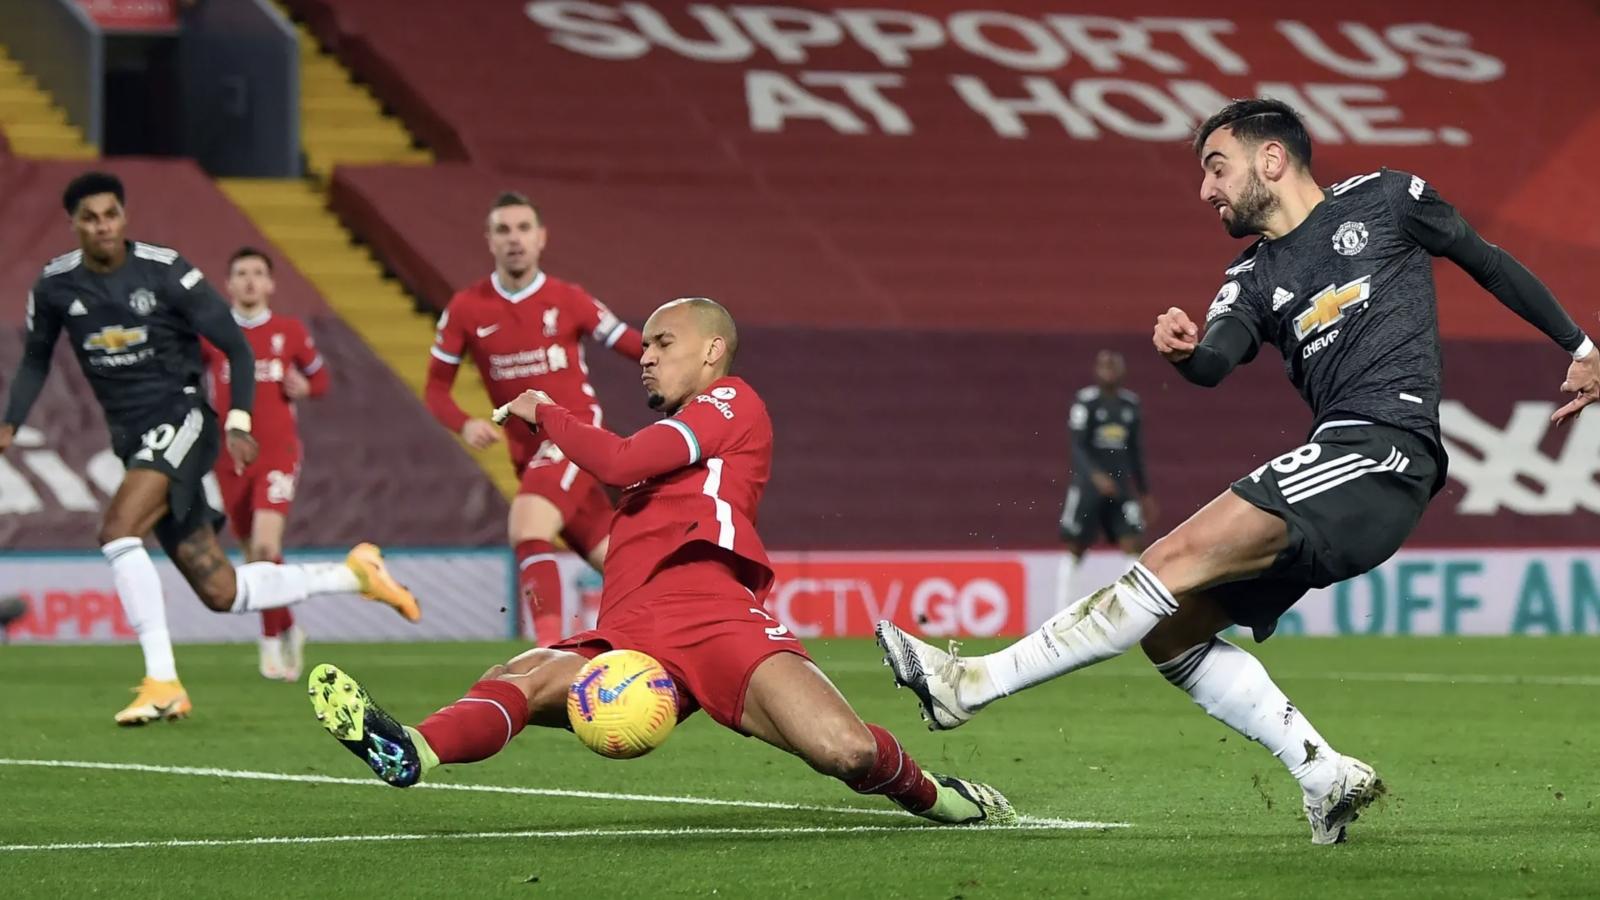 Cầm hòa Liverpool tại Anfield, MU vững ngôi đầu Ngoại hạng Anh sau vòng 19